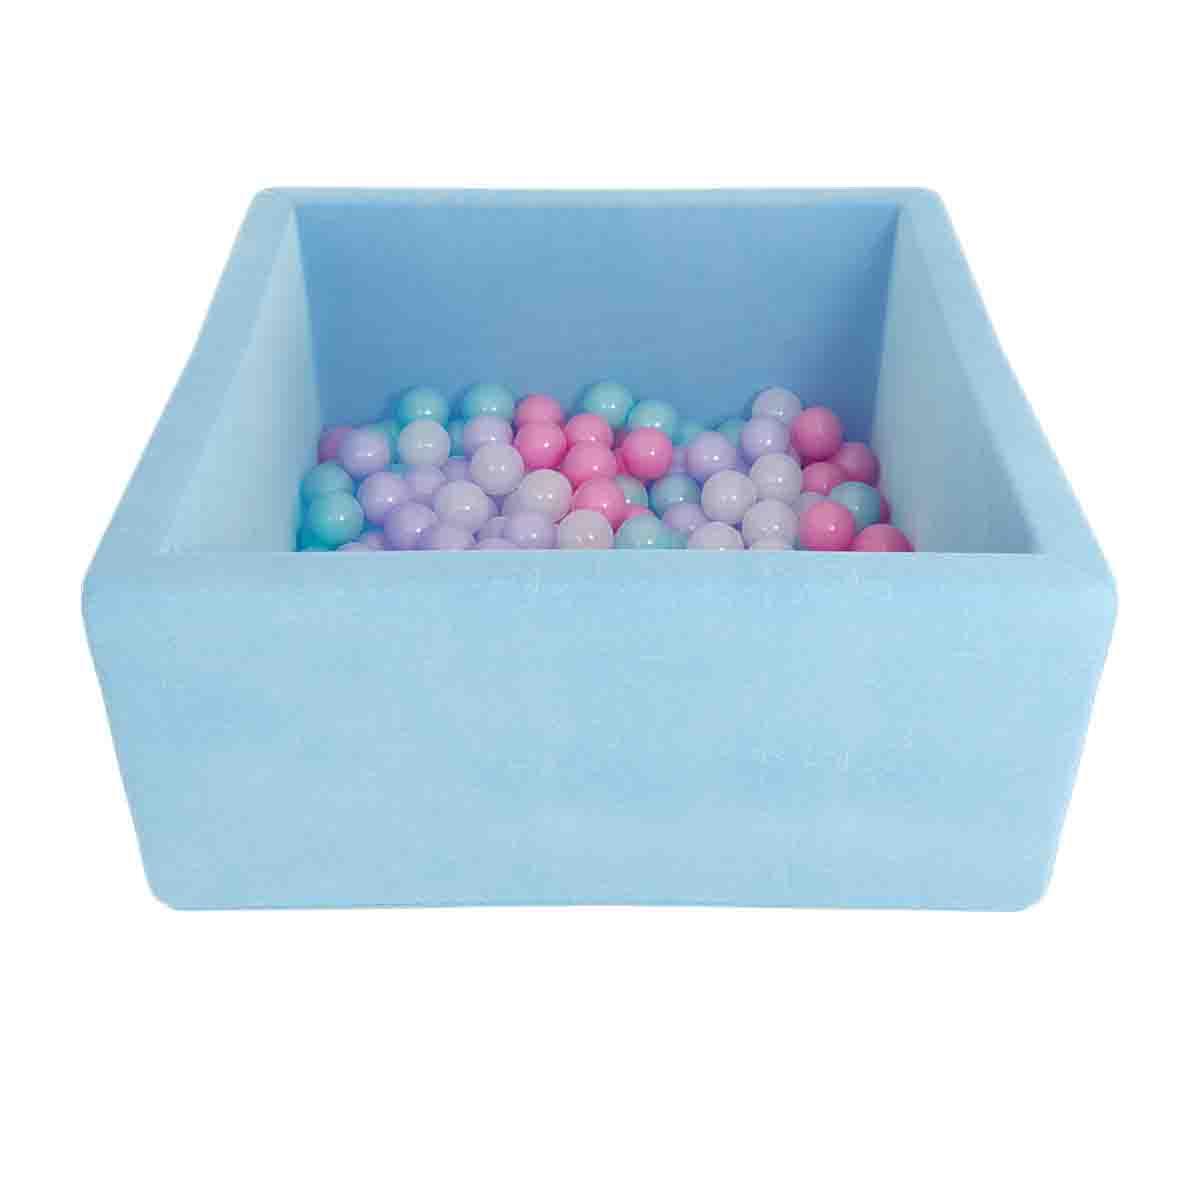 Купить Детский сухой бассейн Romana Airpool Box, голубой, без шариков, Romana (Романа)